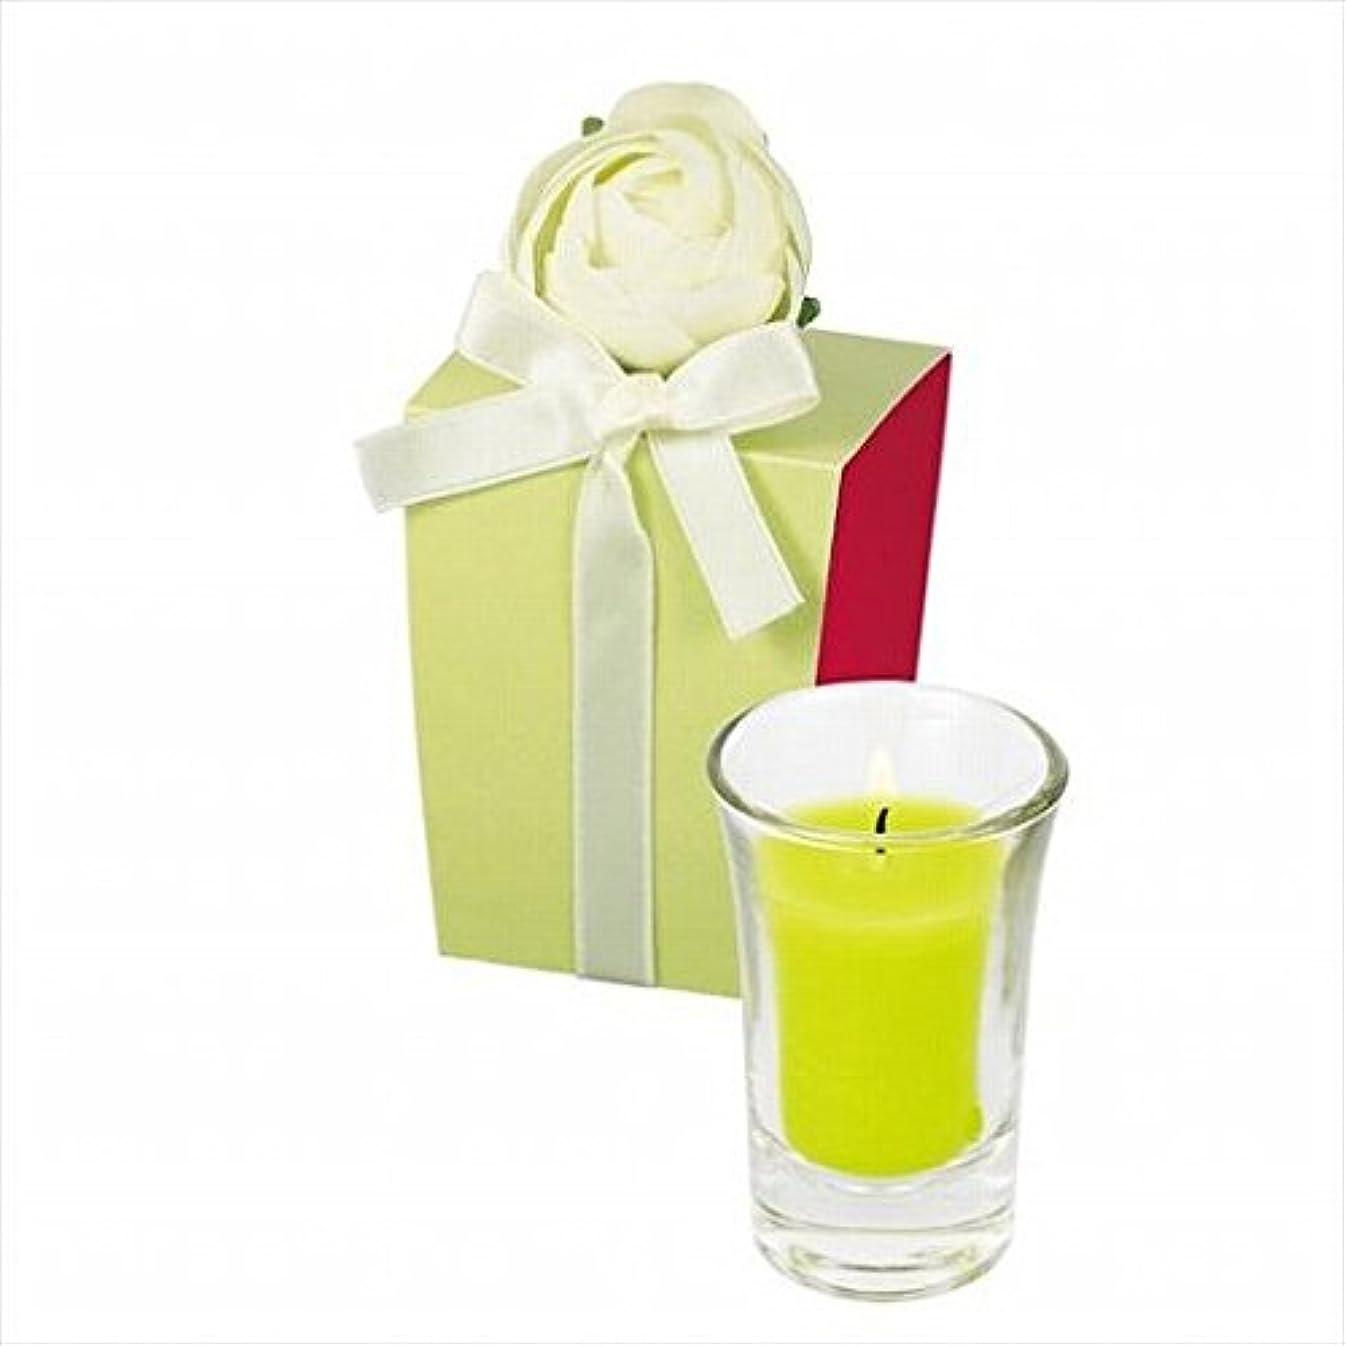 ブレーキジャーナリストびっくりkameyama candle(カメヤマキャンドル) ラナンキュラスグラスキャンドル 「 ライトグリーン 」(A9390500LG)